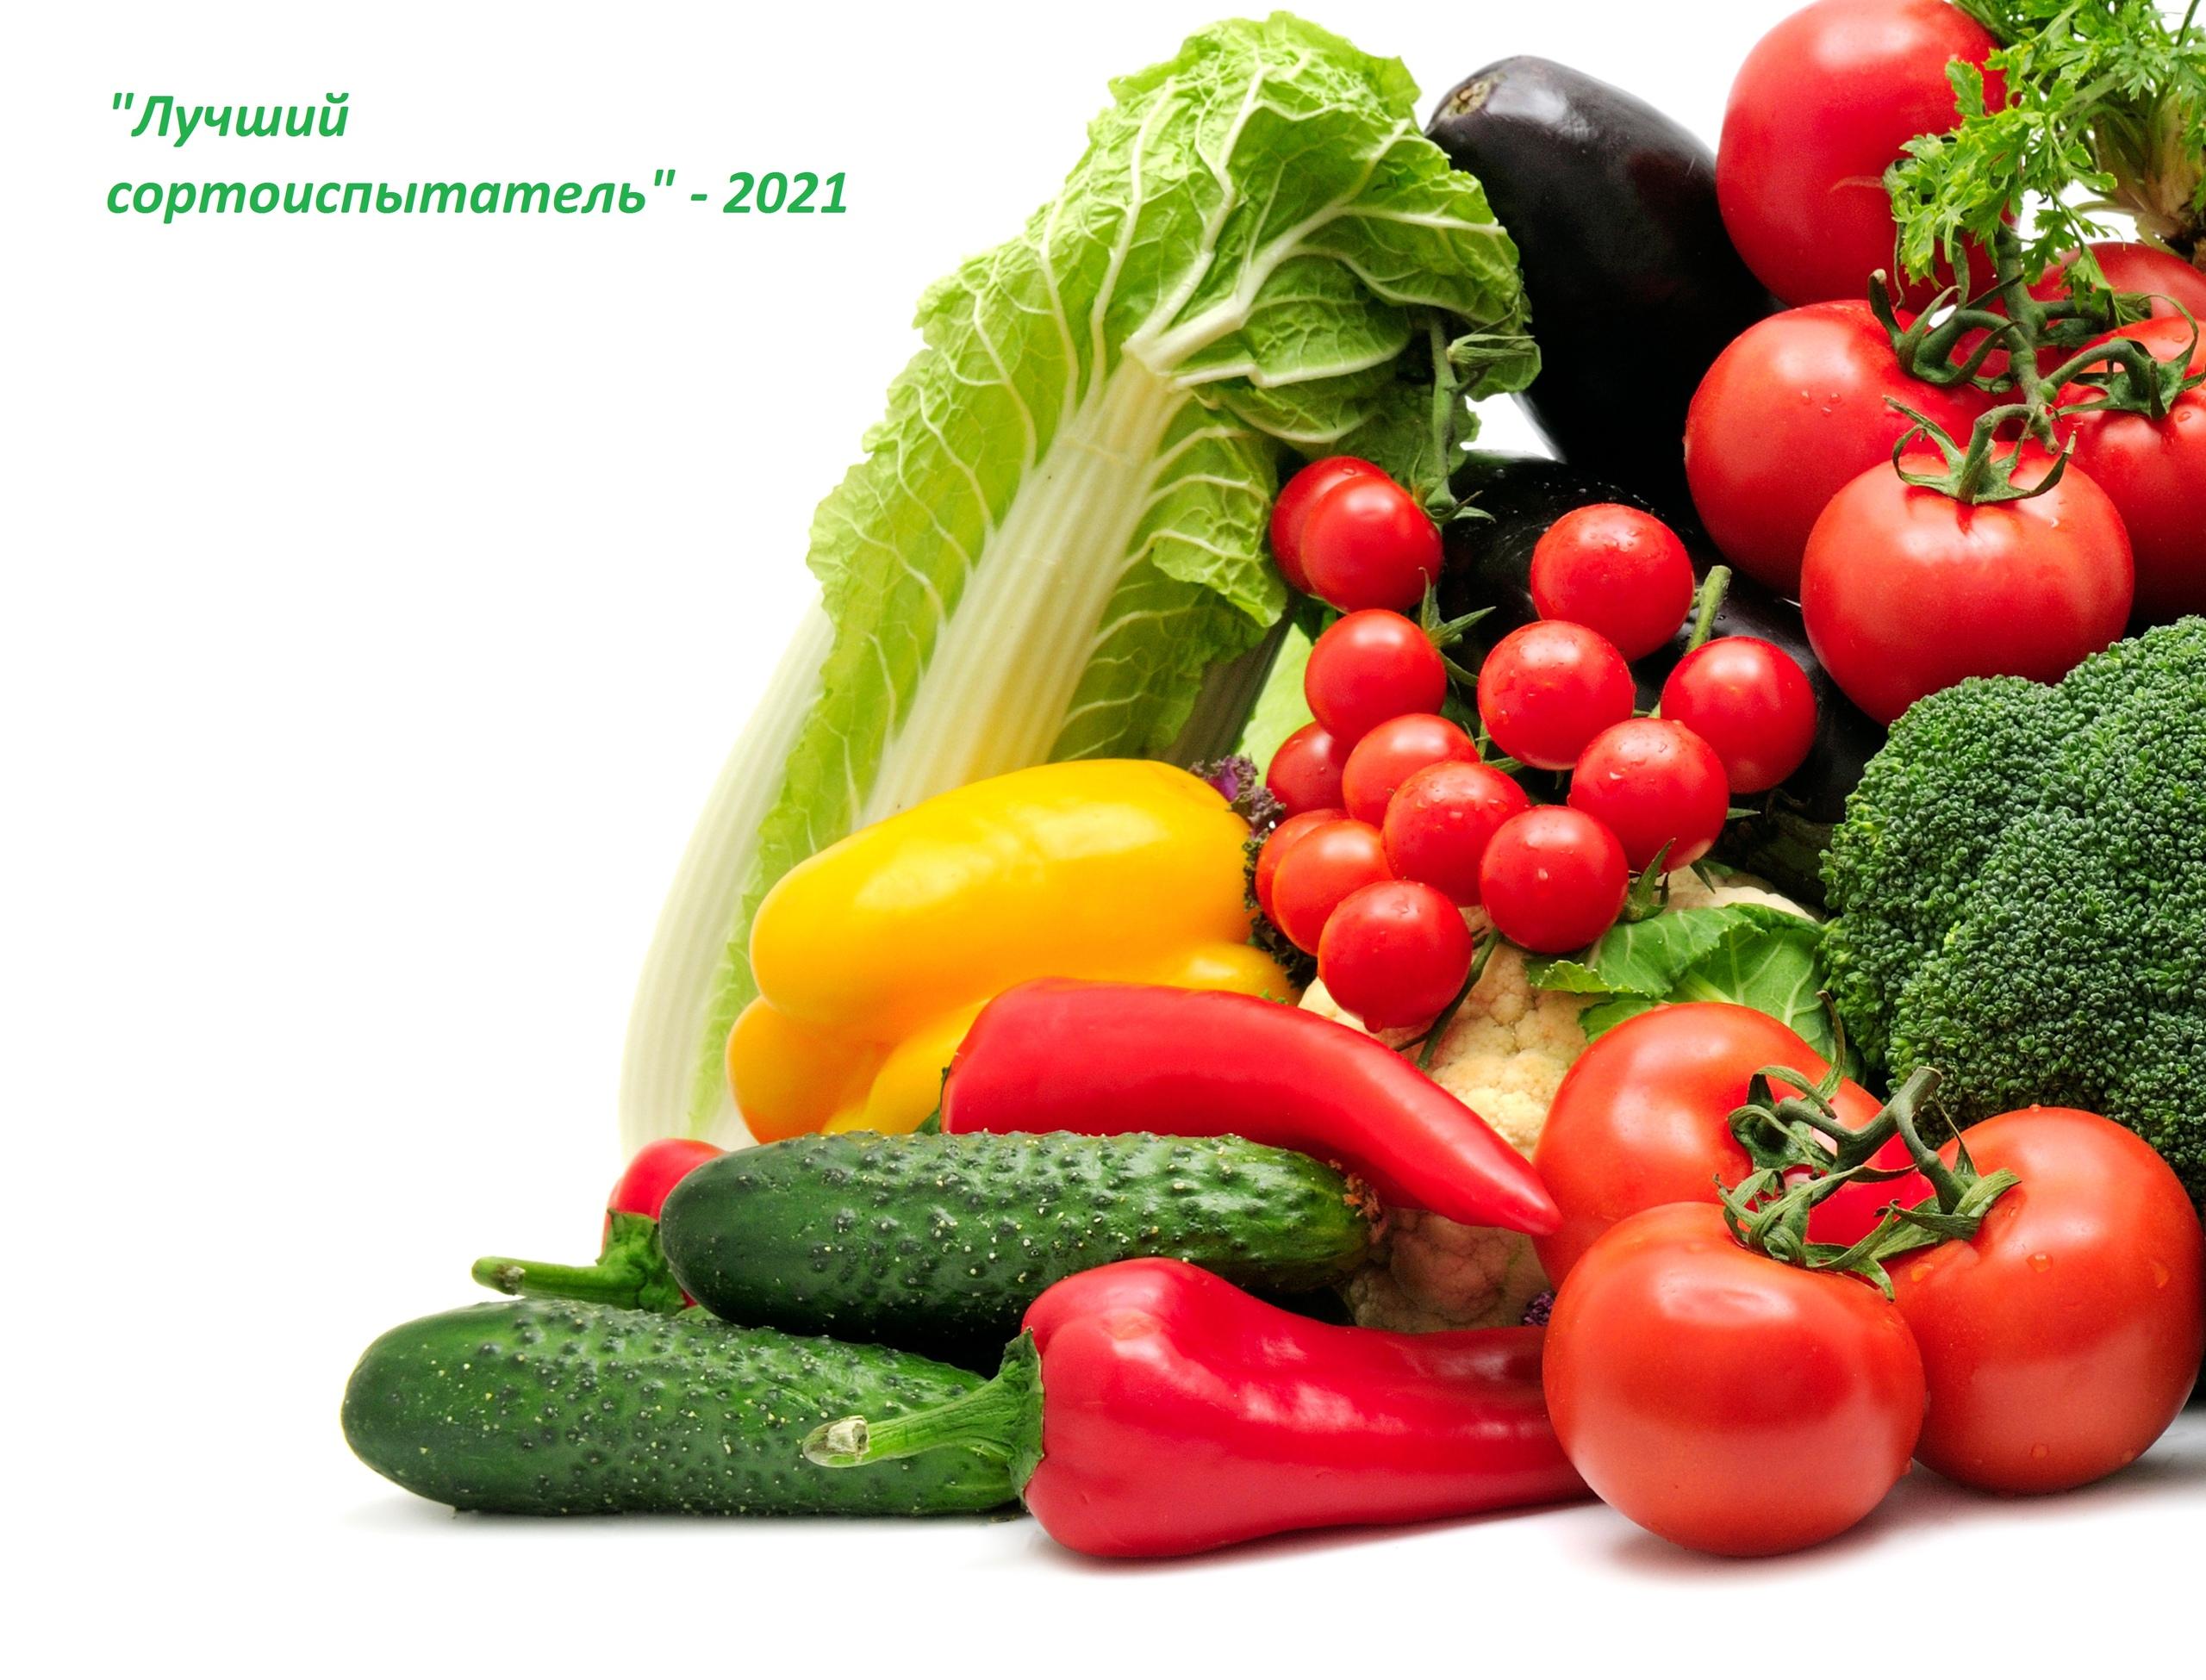 Объявляем о проведении регионального этапа конкурсного сортоиспытания сортов и гибридов овощных культур среди обучающихся образовательных организаций